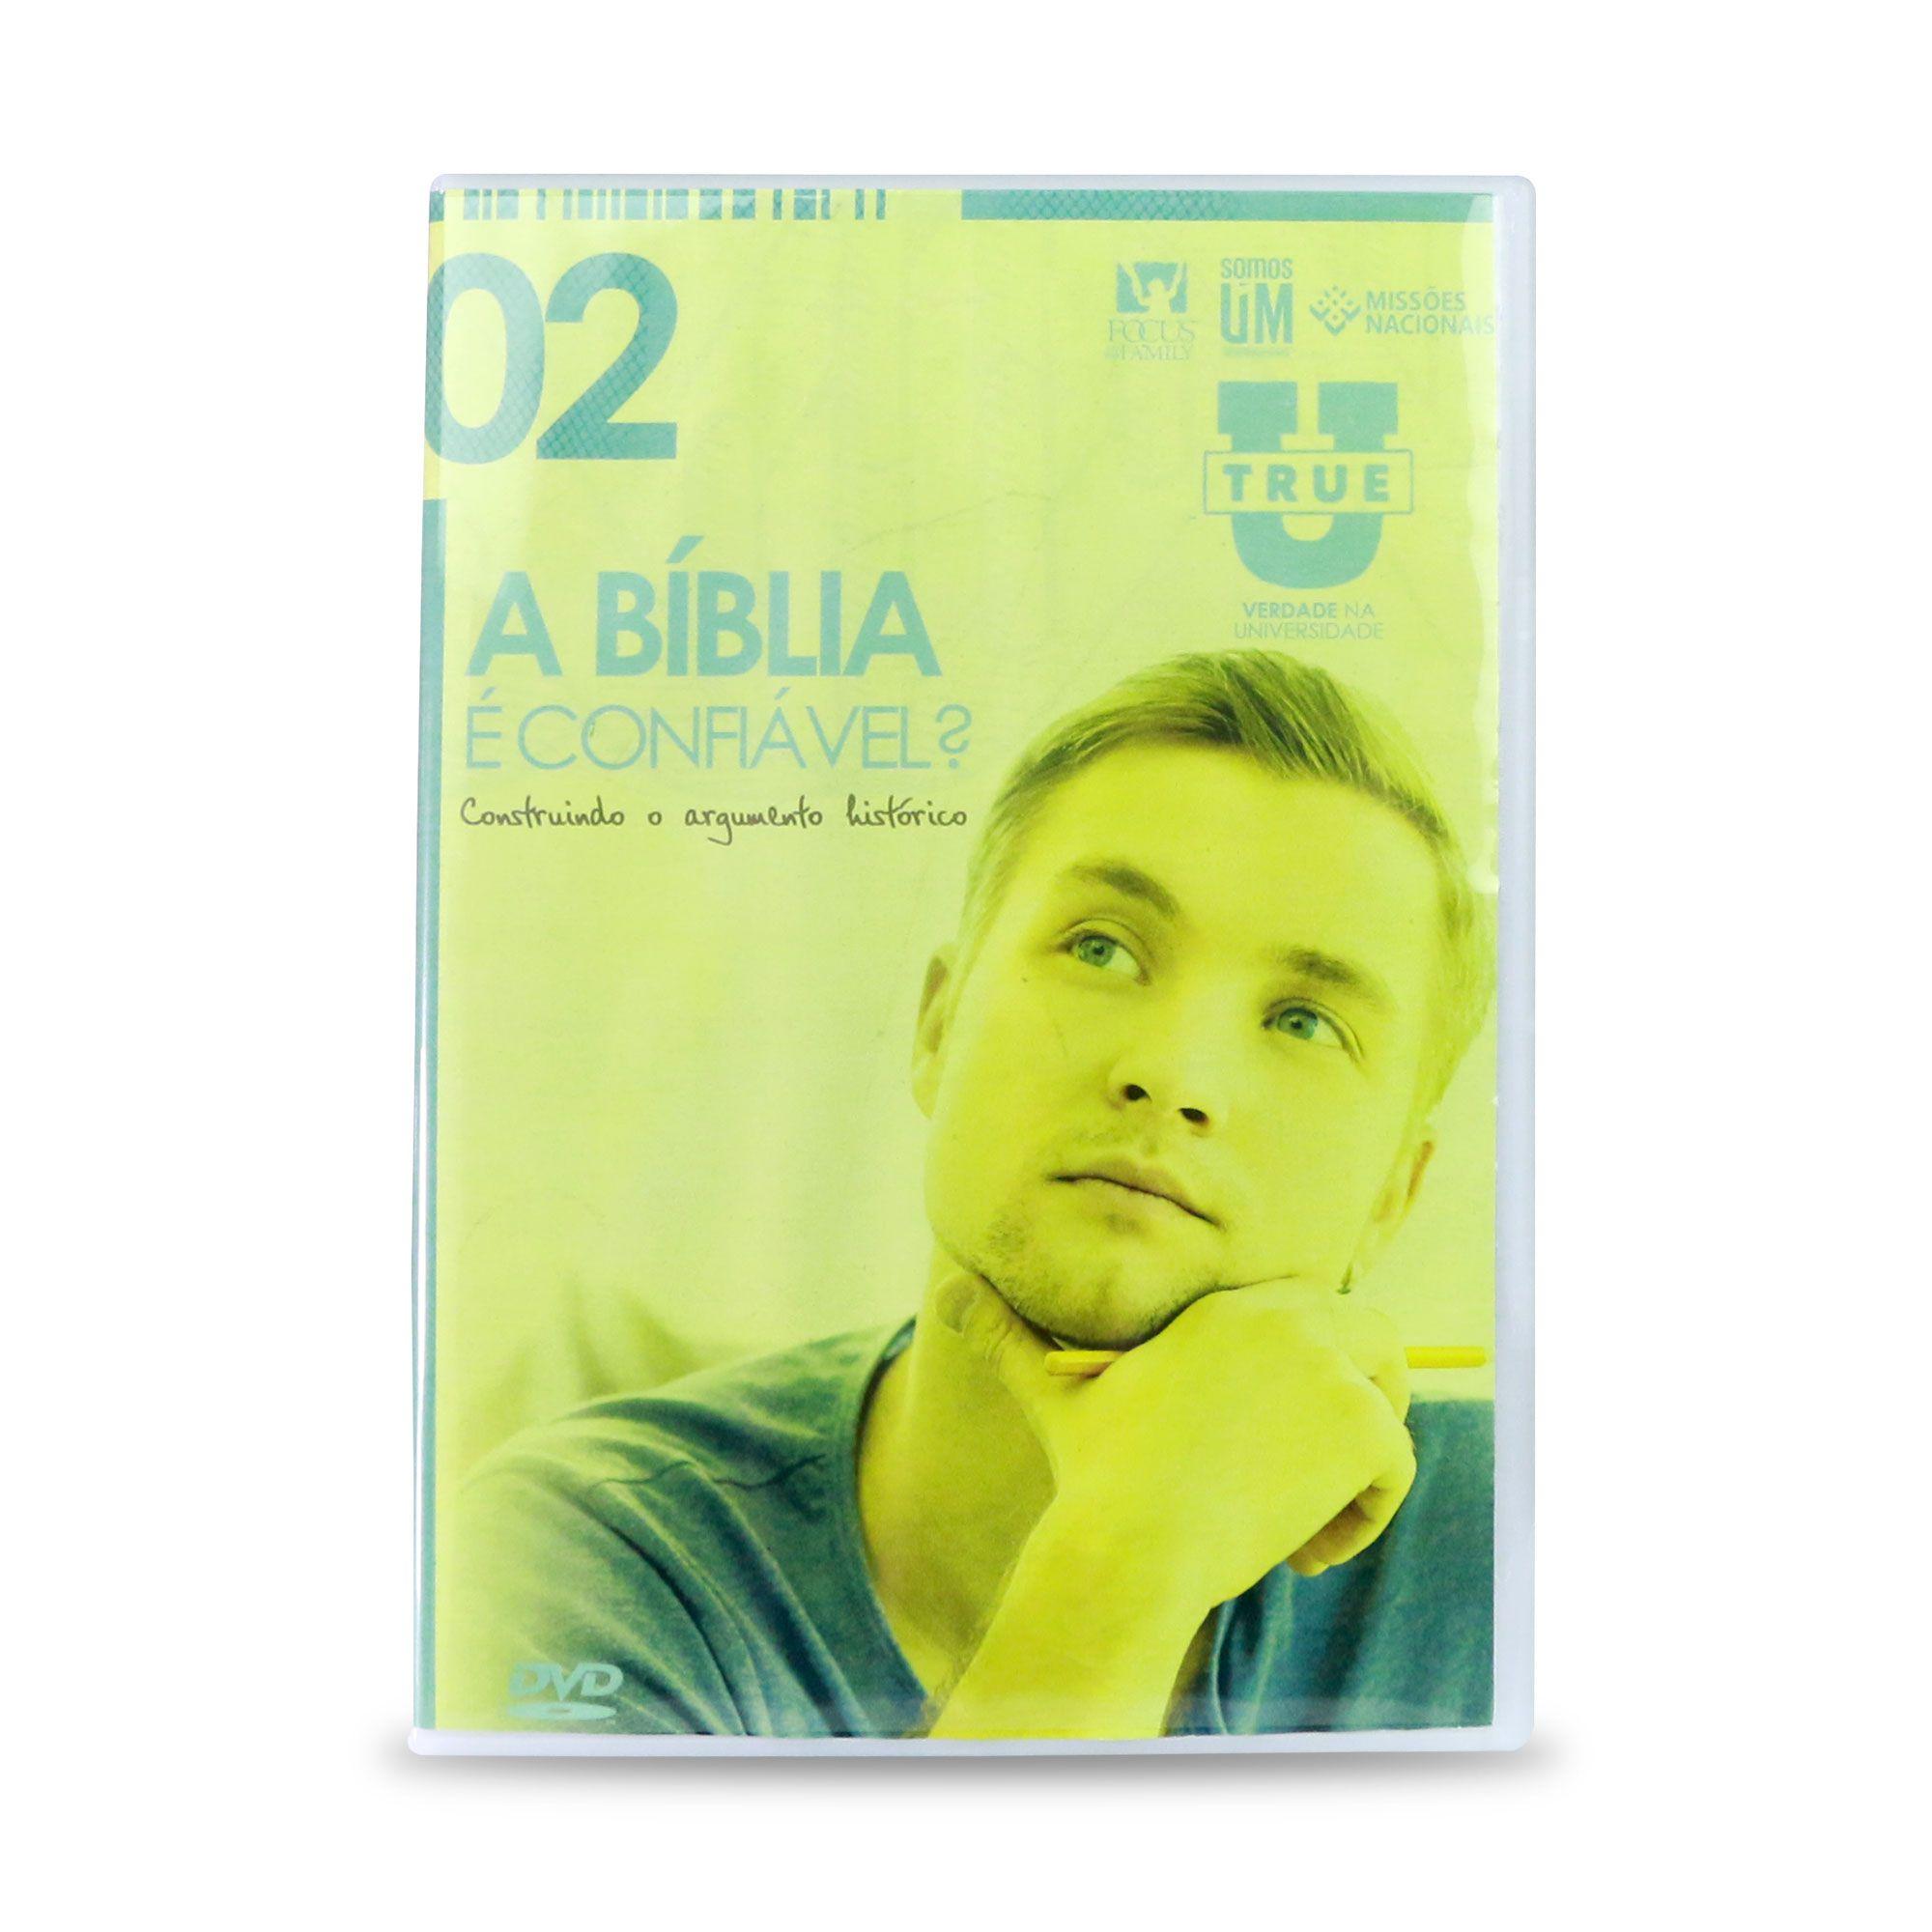 DVD True U - Vol. 2 - A Bíblia é confiável?